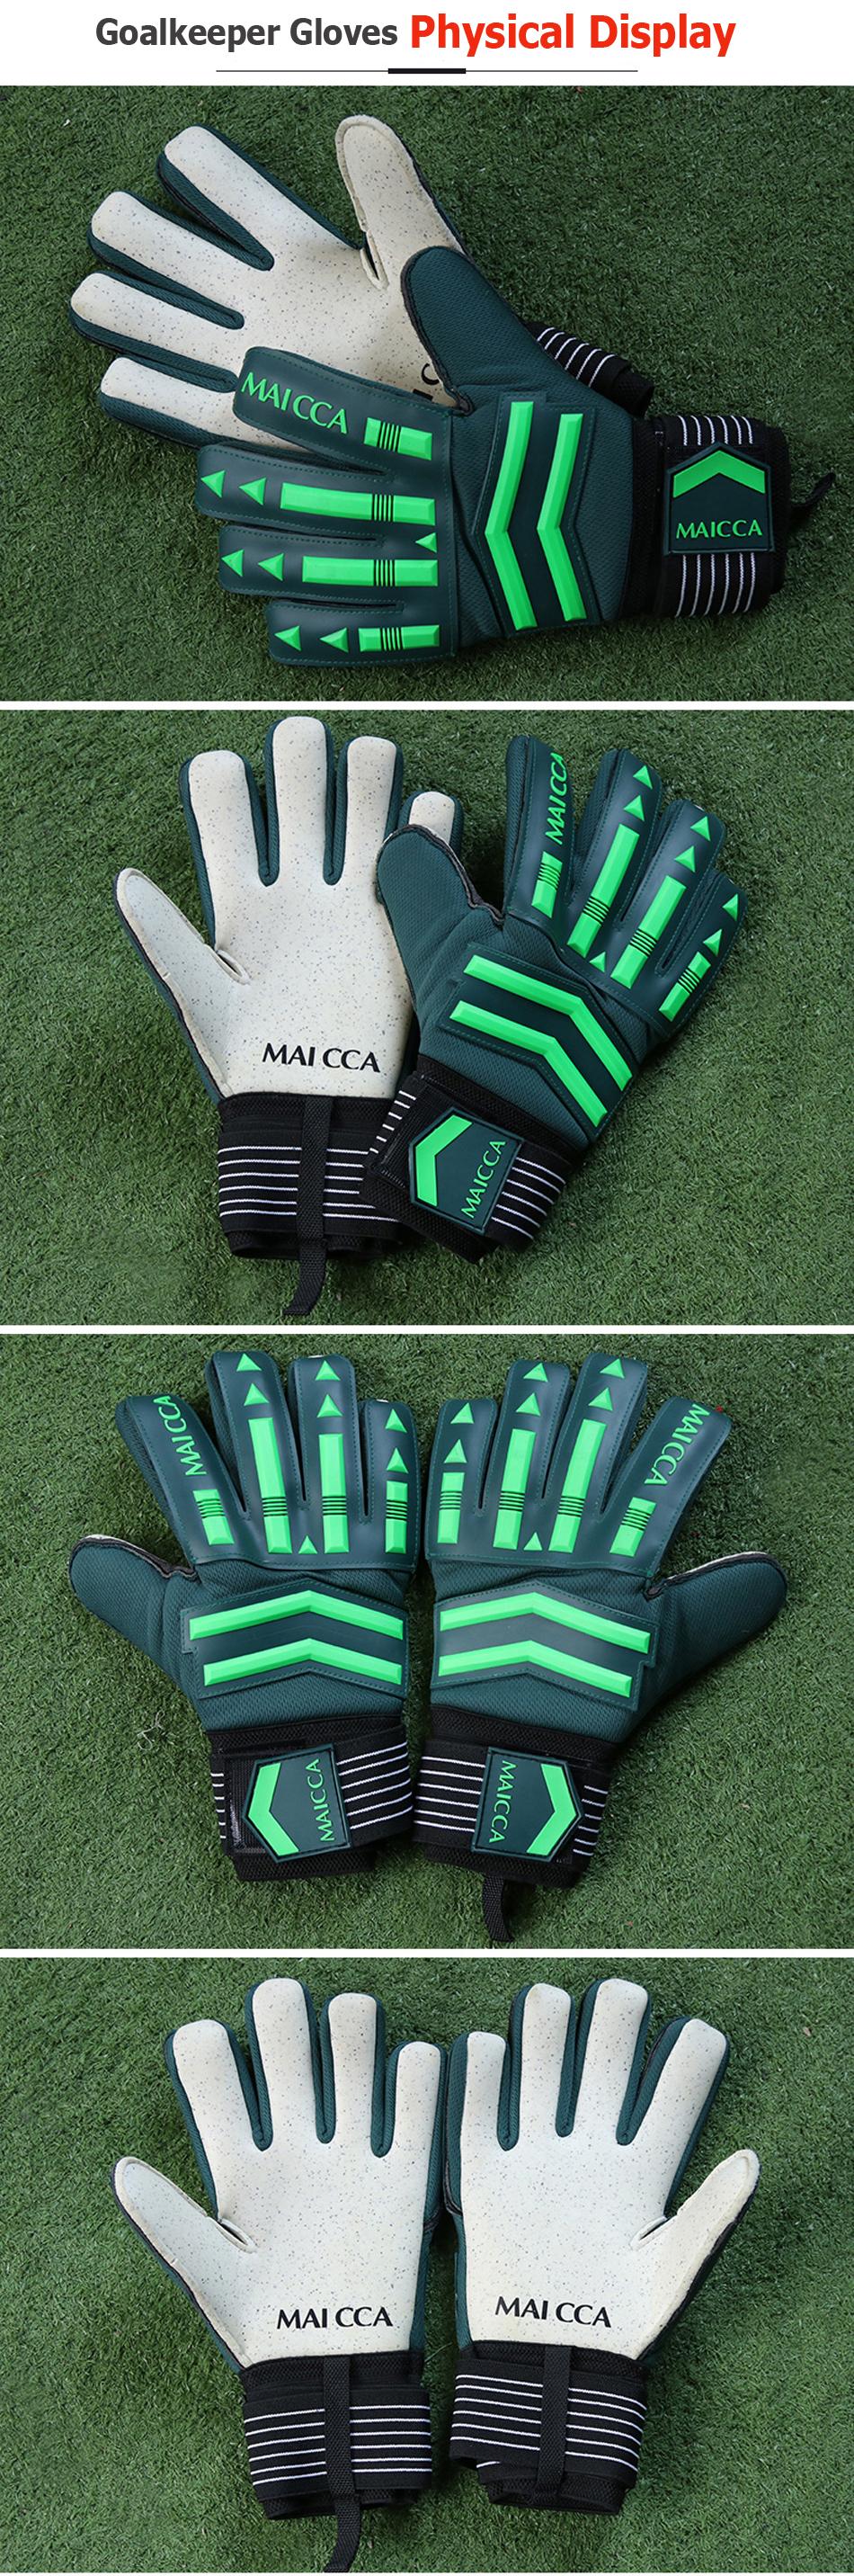 12_Goalkeeper_Gloves